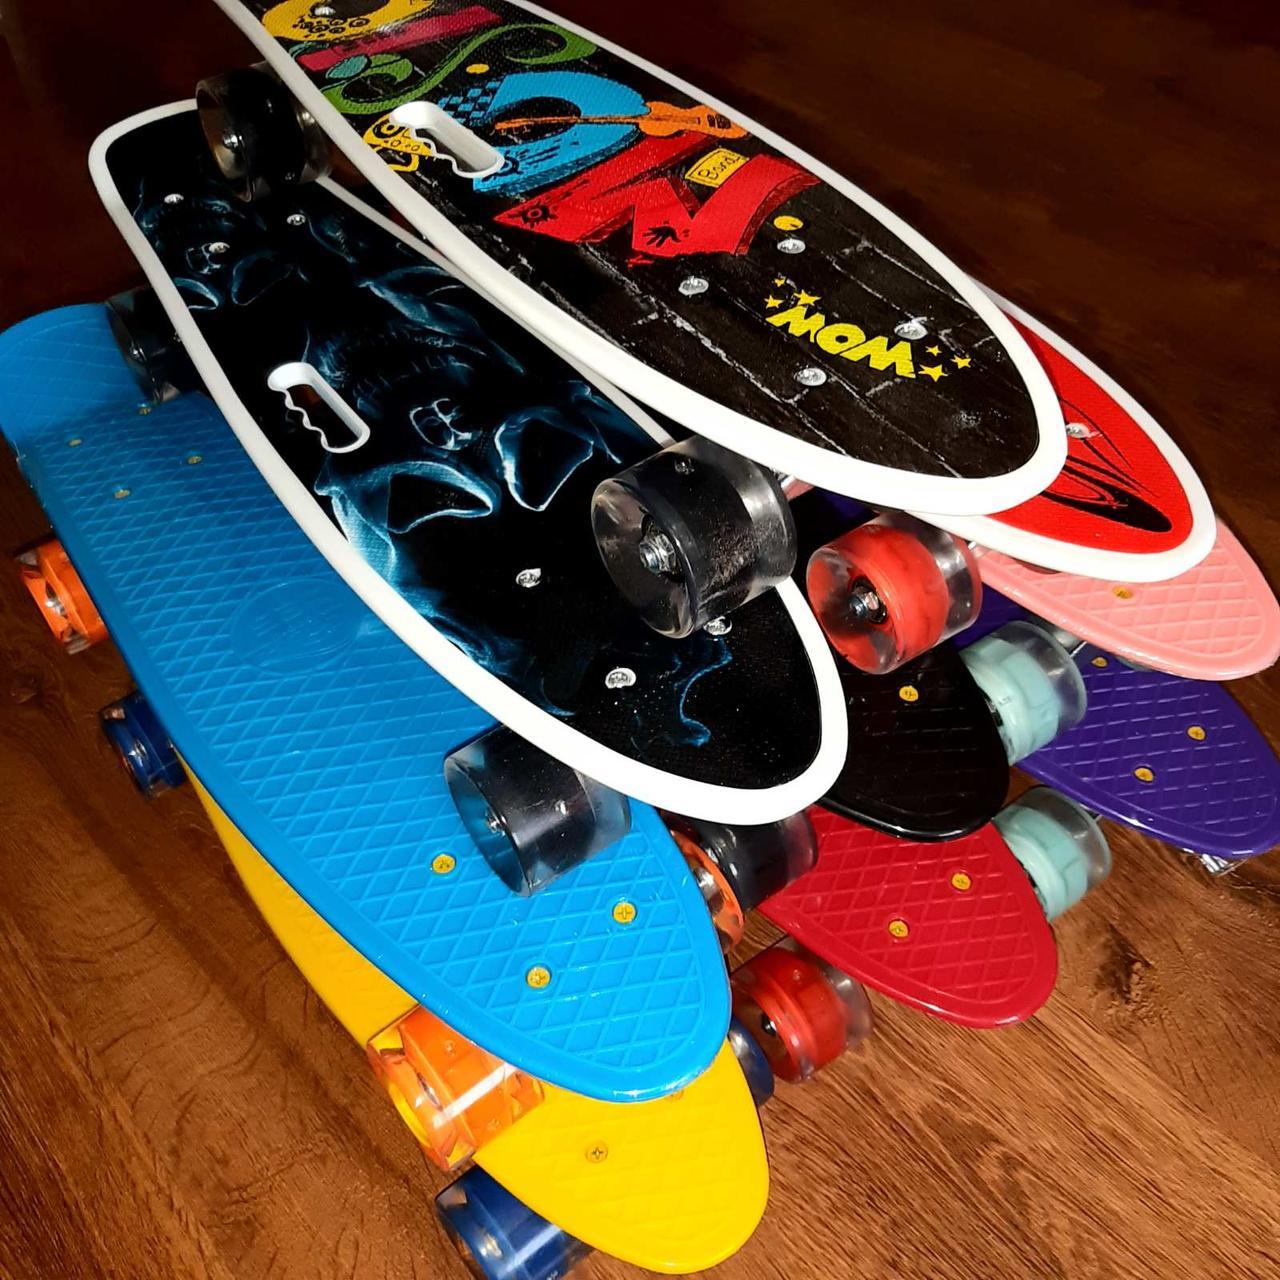 Дитячий пенні борд / Penny Board / дитячий скейт для дитини